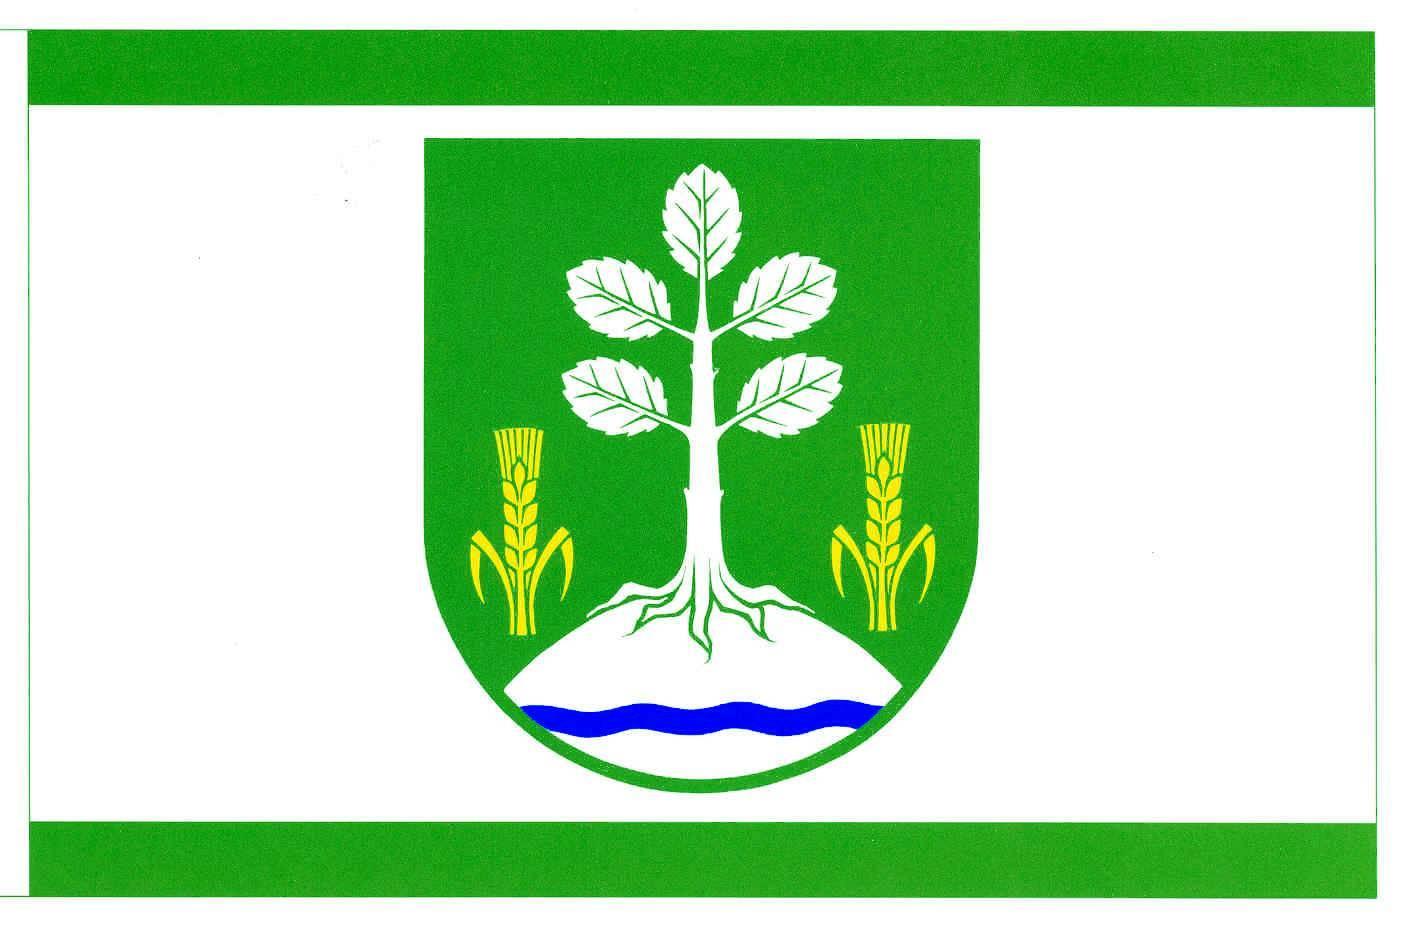 Flagge GemeindeOelixdorf, Kreis Steinburg